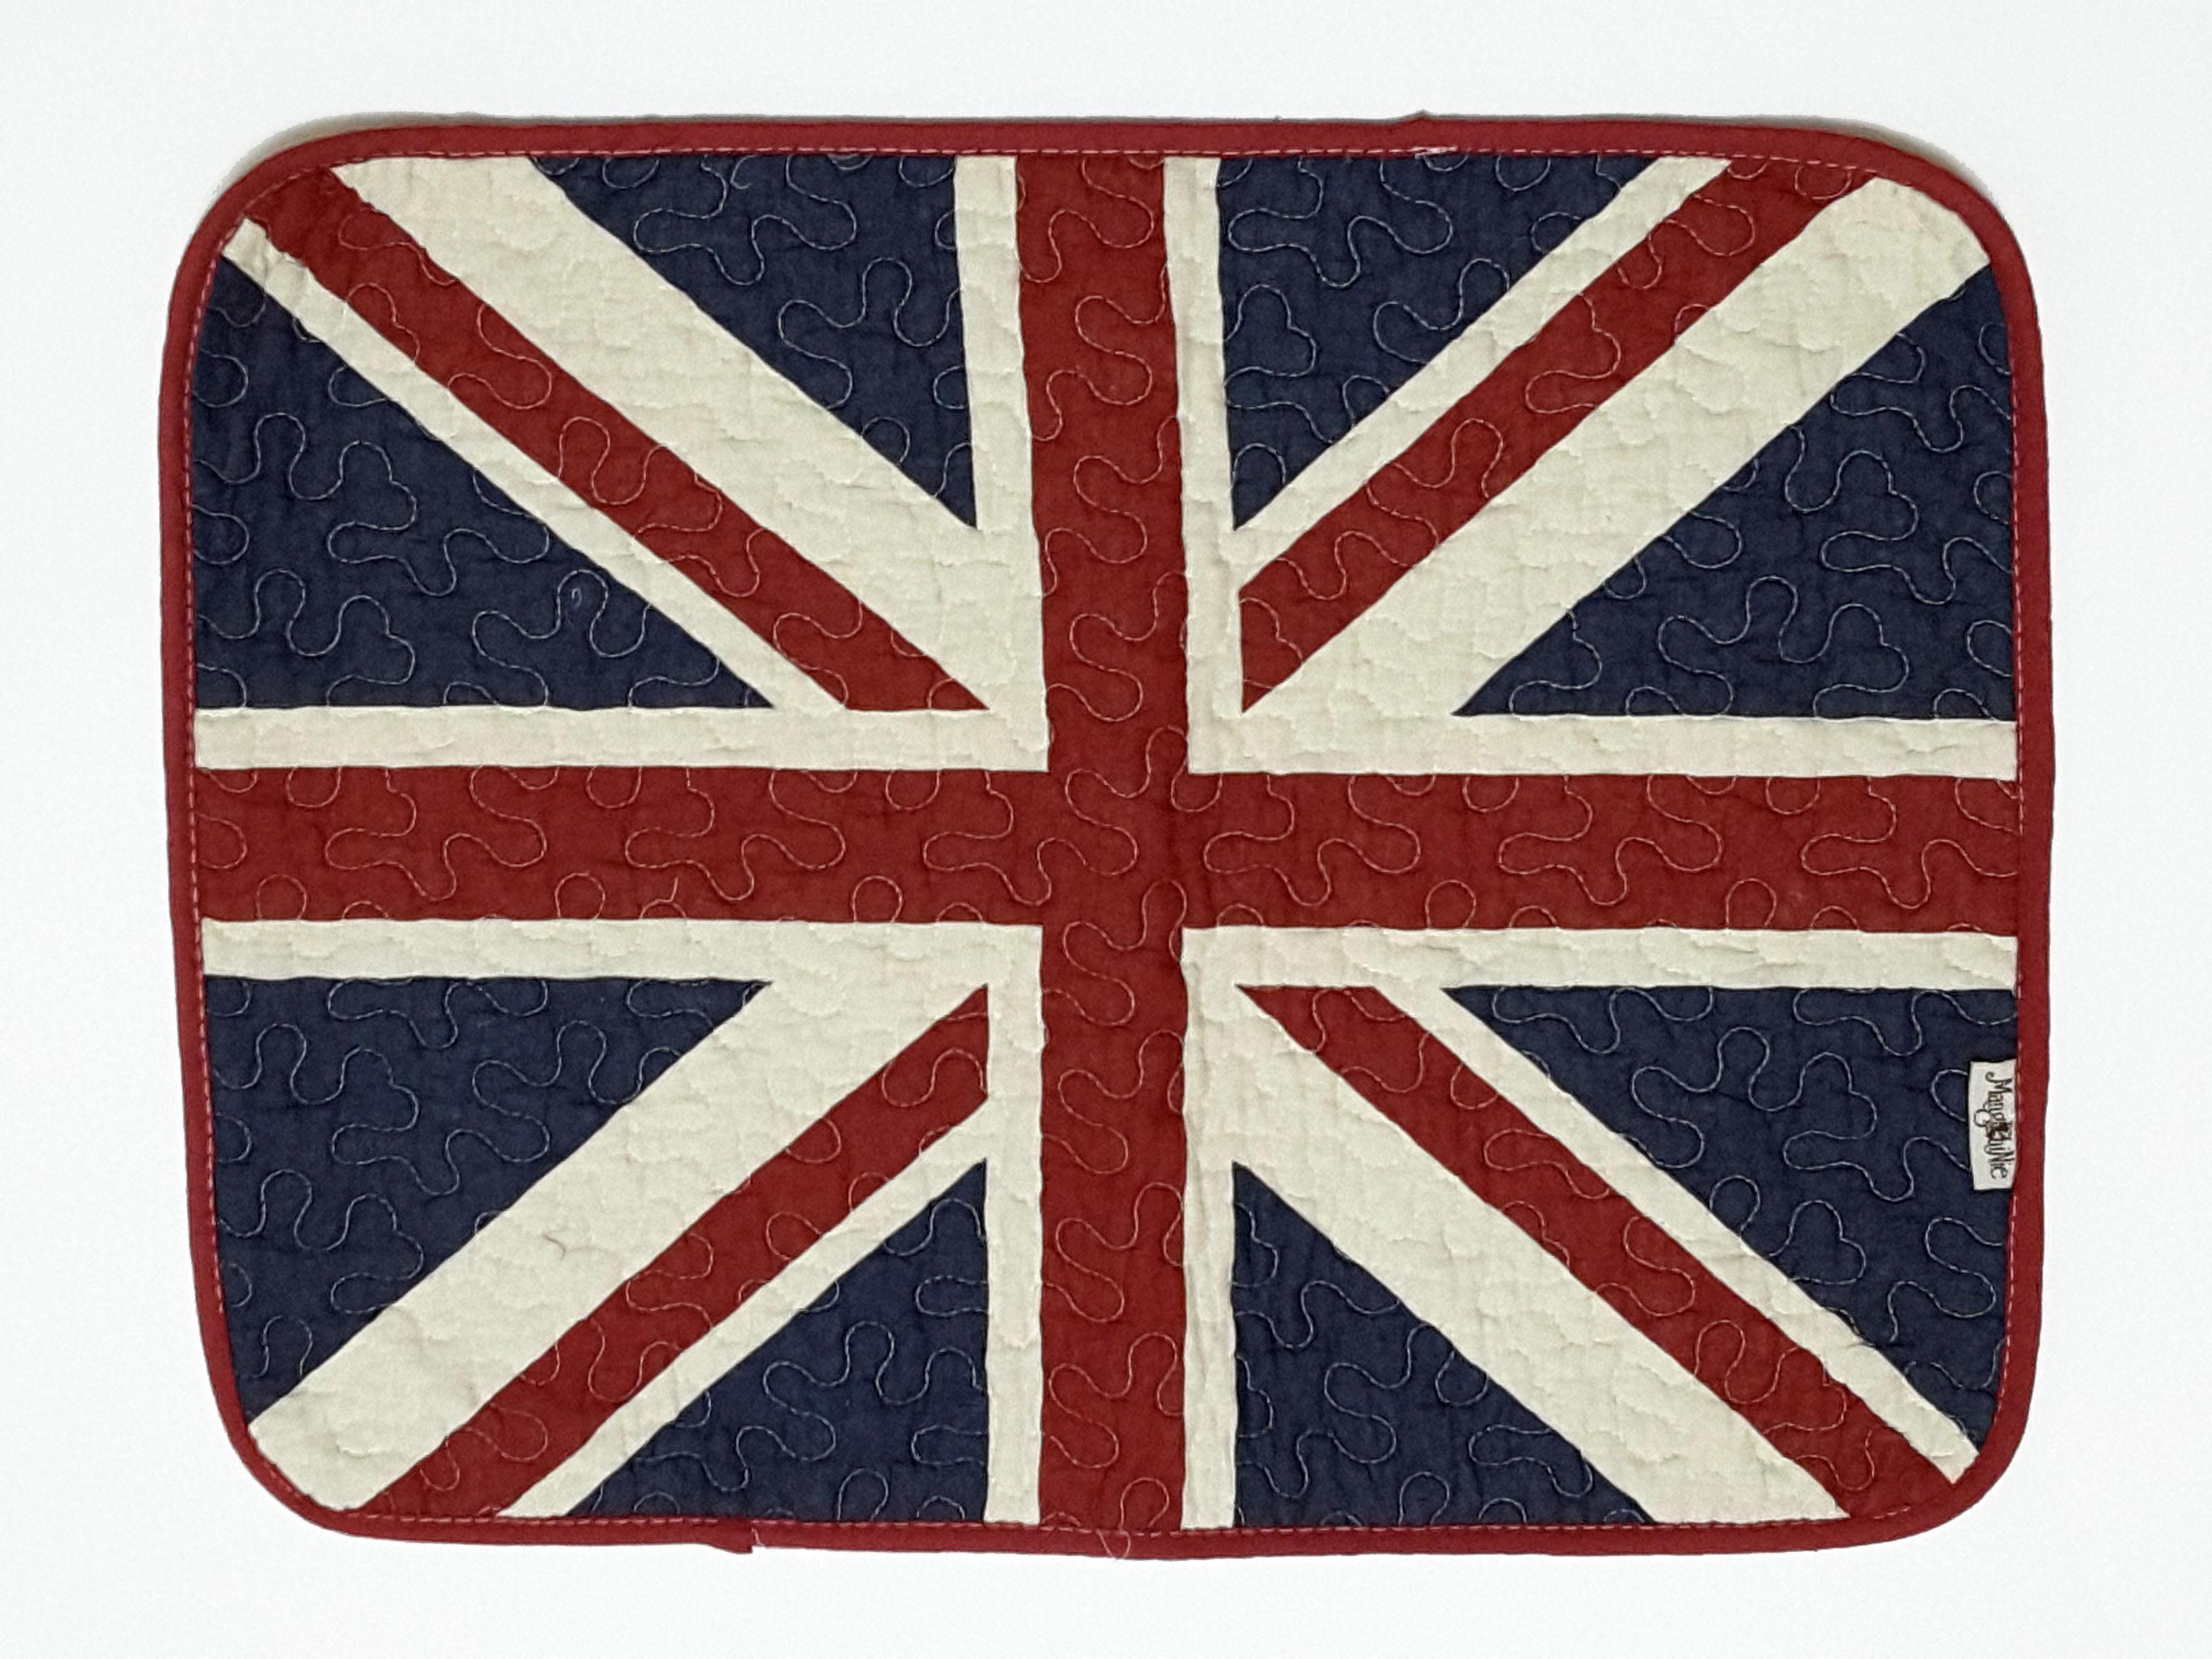 La maison 小舖~簡約國旗拼布地墊腳踏墊~英國國旗圖案 吸水防滑 清洗方便 寵物毛